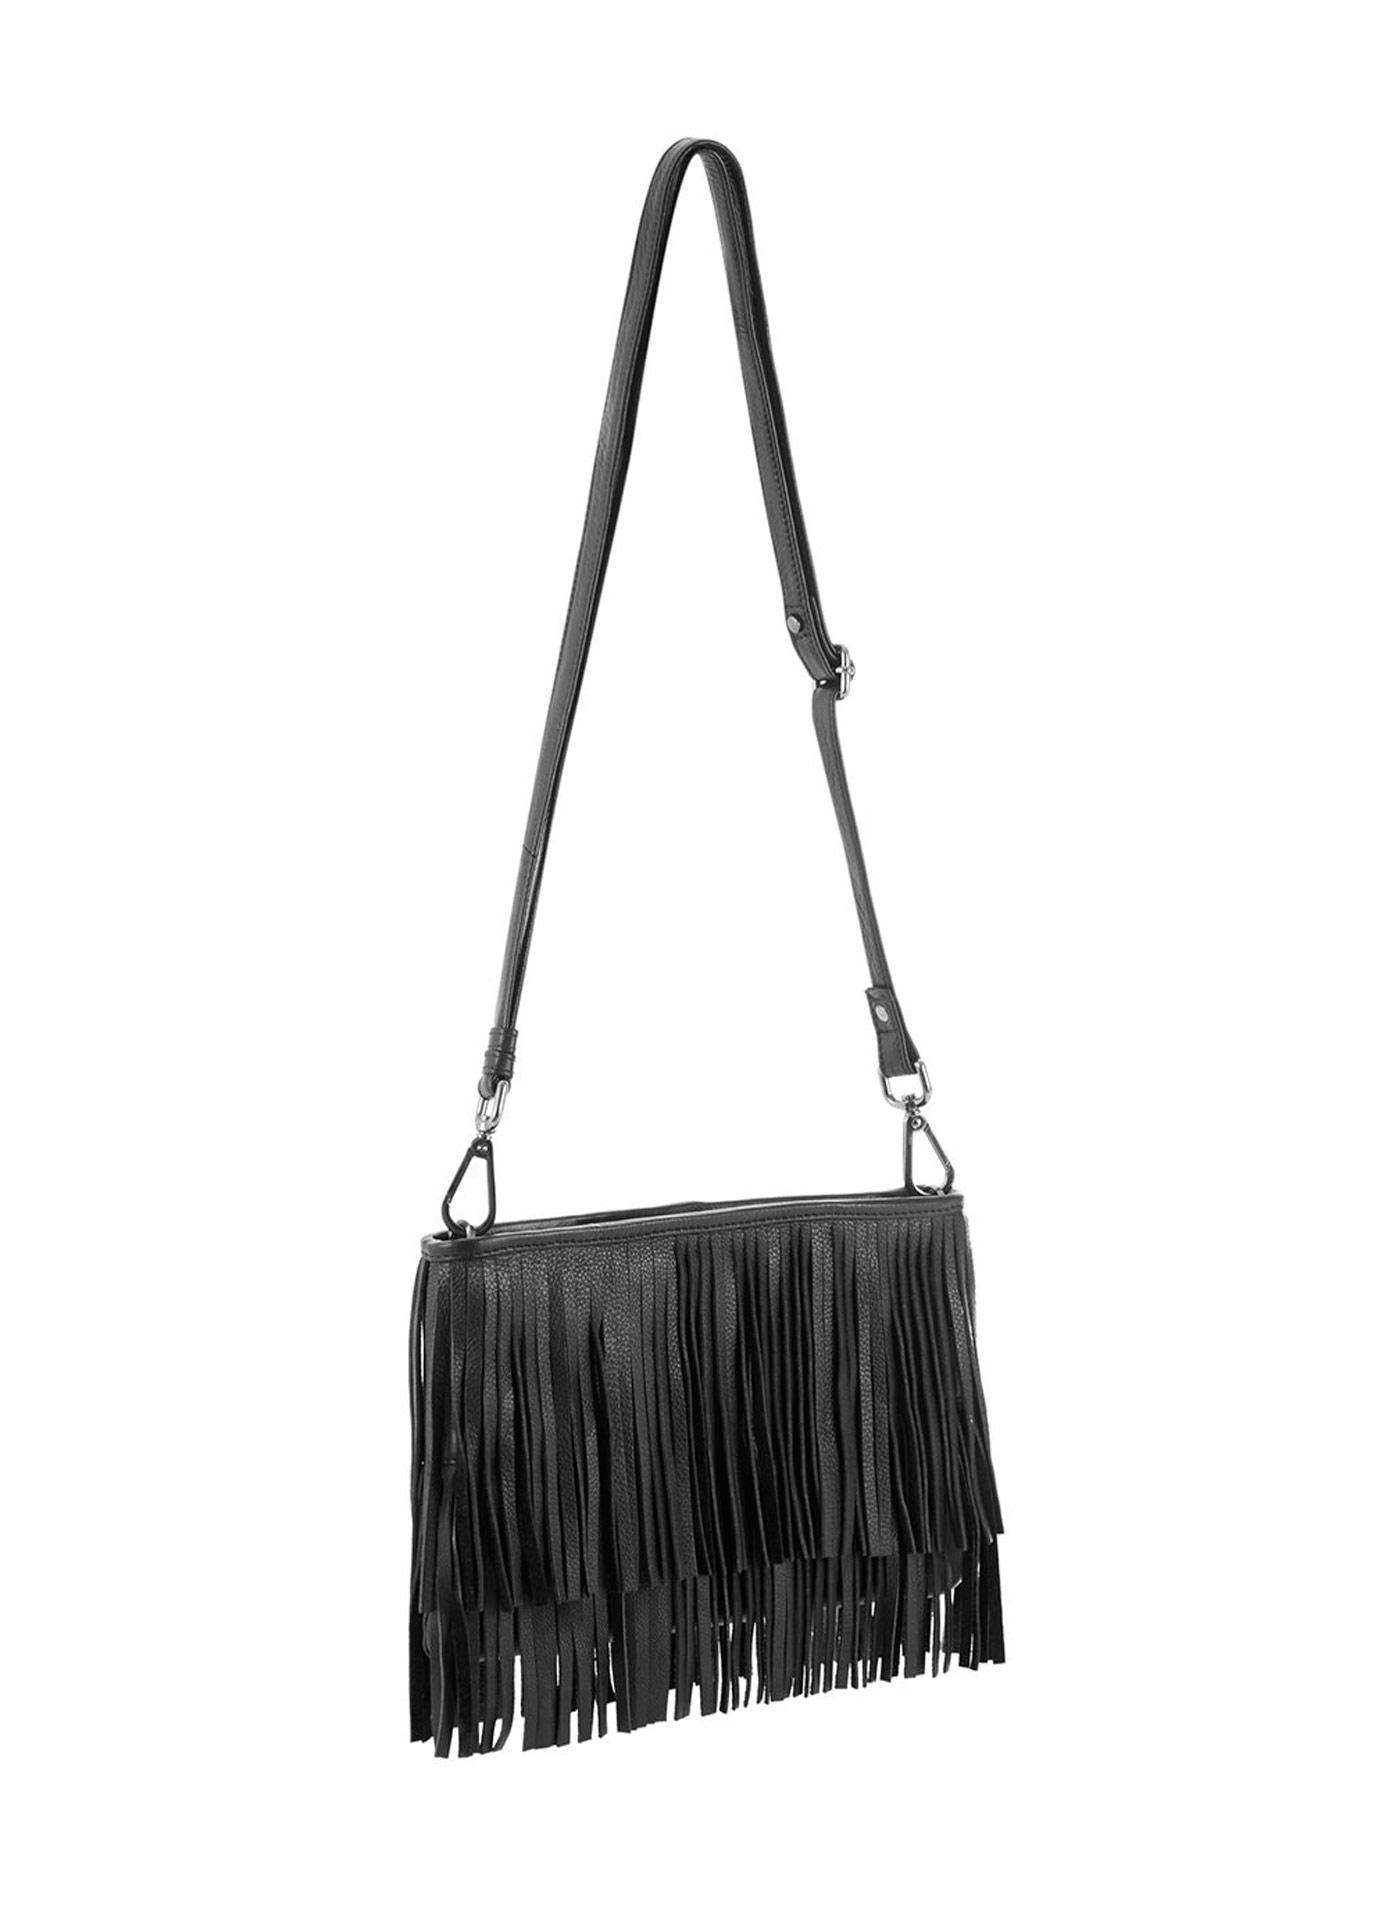 Mint Velvet, Black Lyra fring Cross Body Bag £99